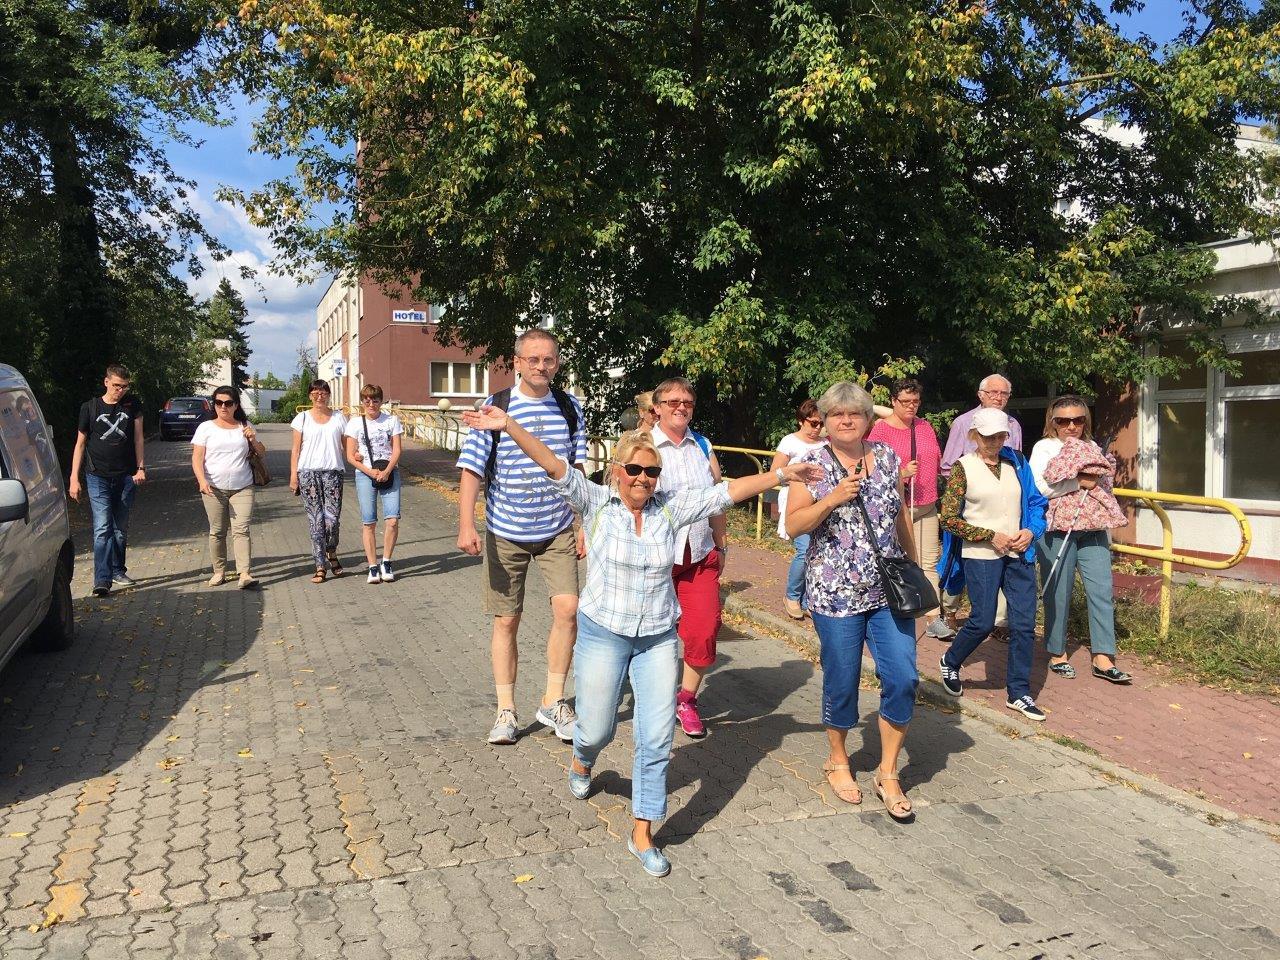 Uczestnicy zjazdu w drodze na bydgoską Starówkę, jedna z pań w radosnym uniesieniu z rękami skierowanymi ku górze